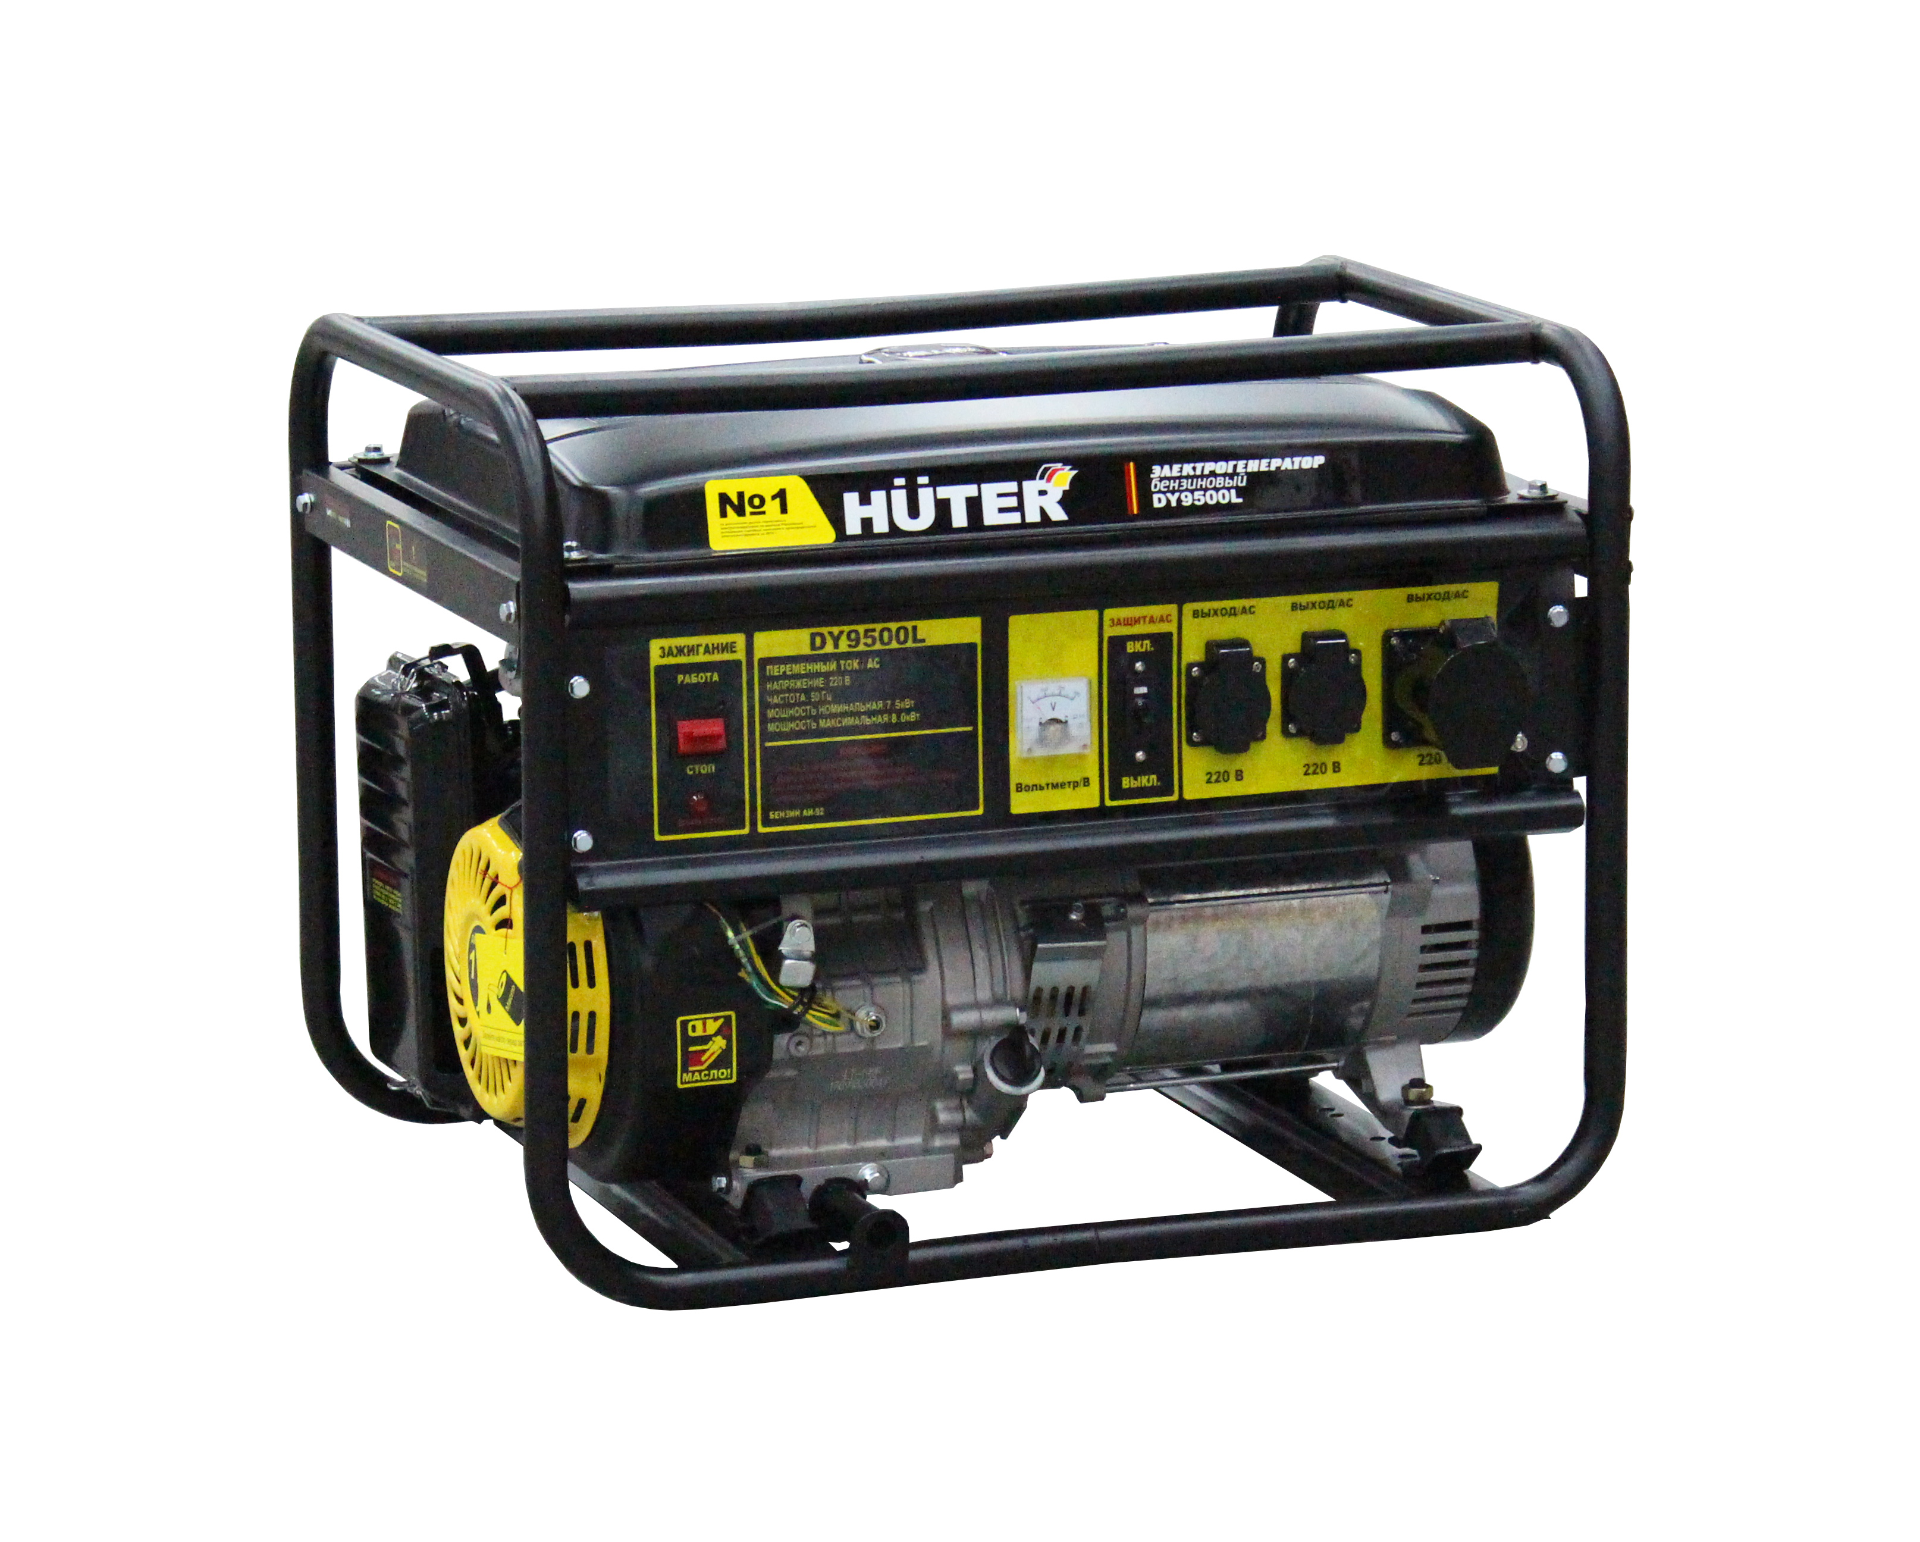 Внешний вид Huter DY 9500 L